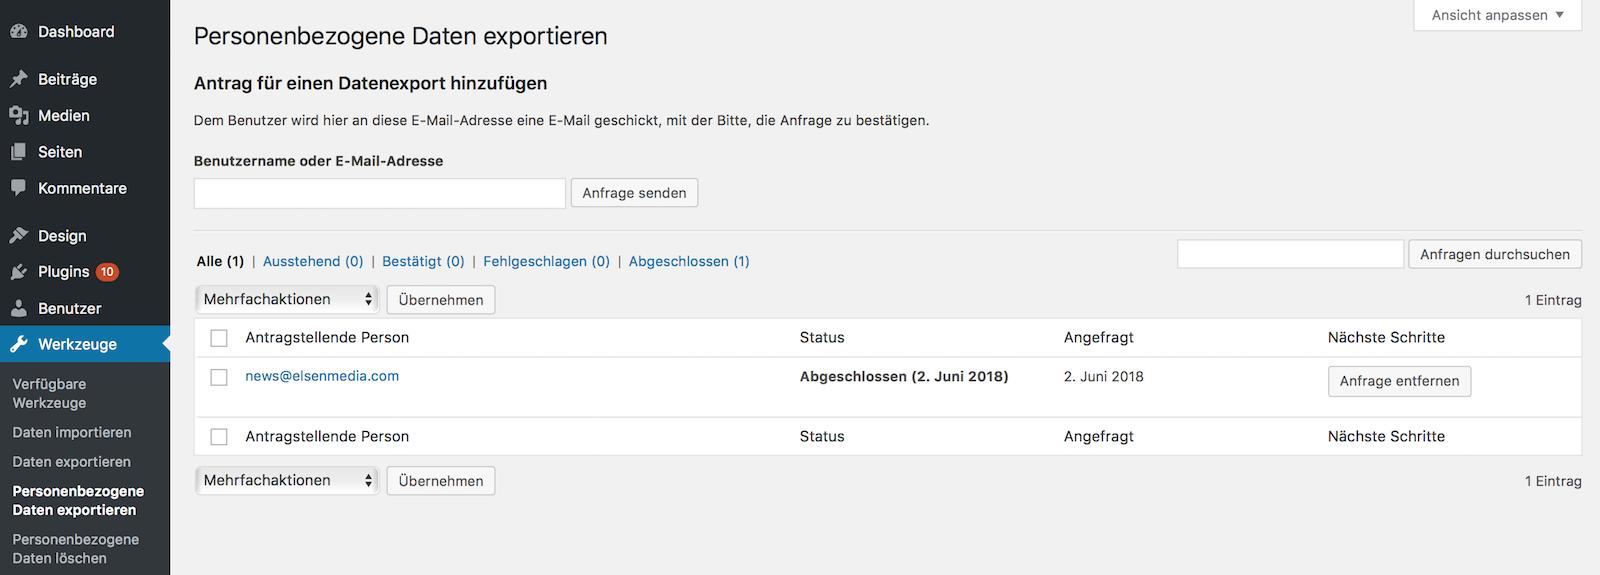 Personenbezogene Daten in WordPress exportieren und importieren